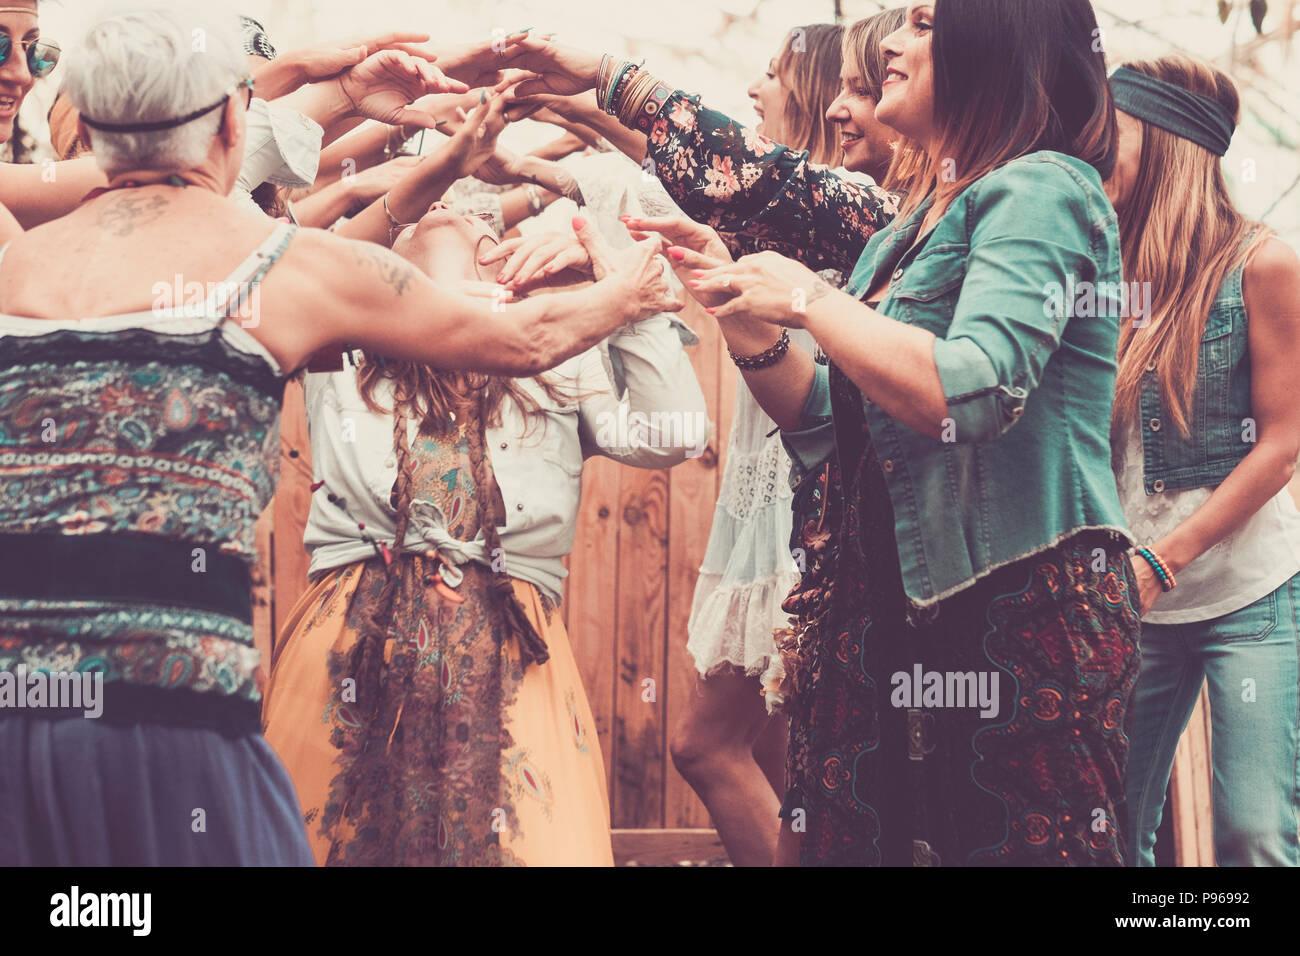 Gruppe von Freien und hippy Rebel alternative Style junge Frauen gemeinsam tanzen und feiern, mit Freude und Glück in einem natürlichen Platz innen- und Außend Stockbild